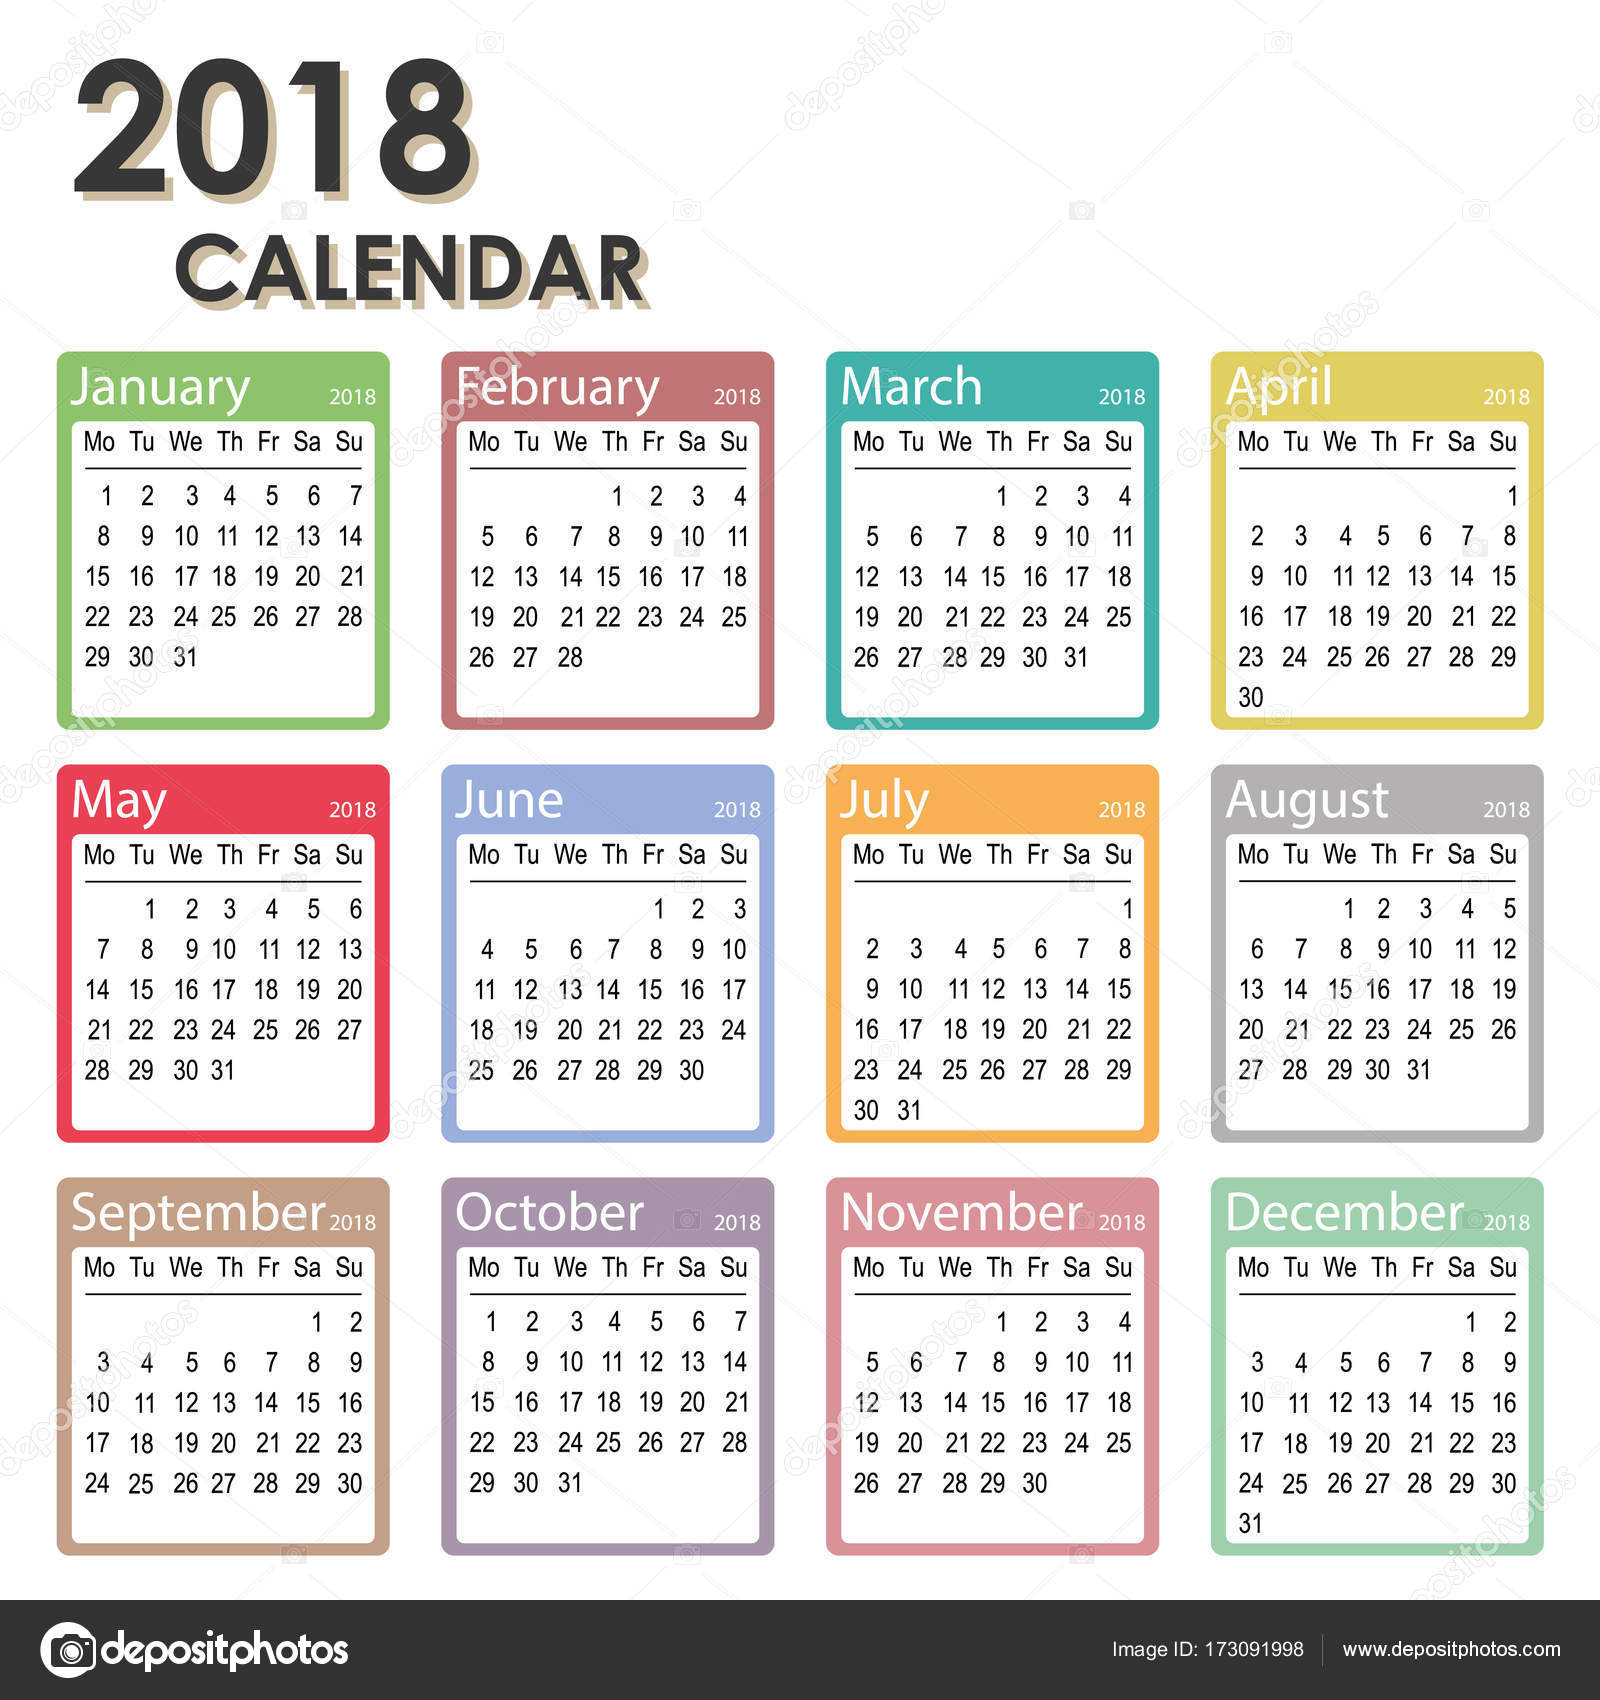 éves naptár sablon 2018 éves naptár, hét kezdőnapja a hétfő, havi naptár sablon, 2018  éves naptár sablon